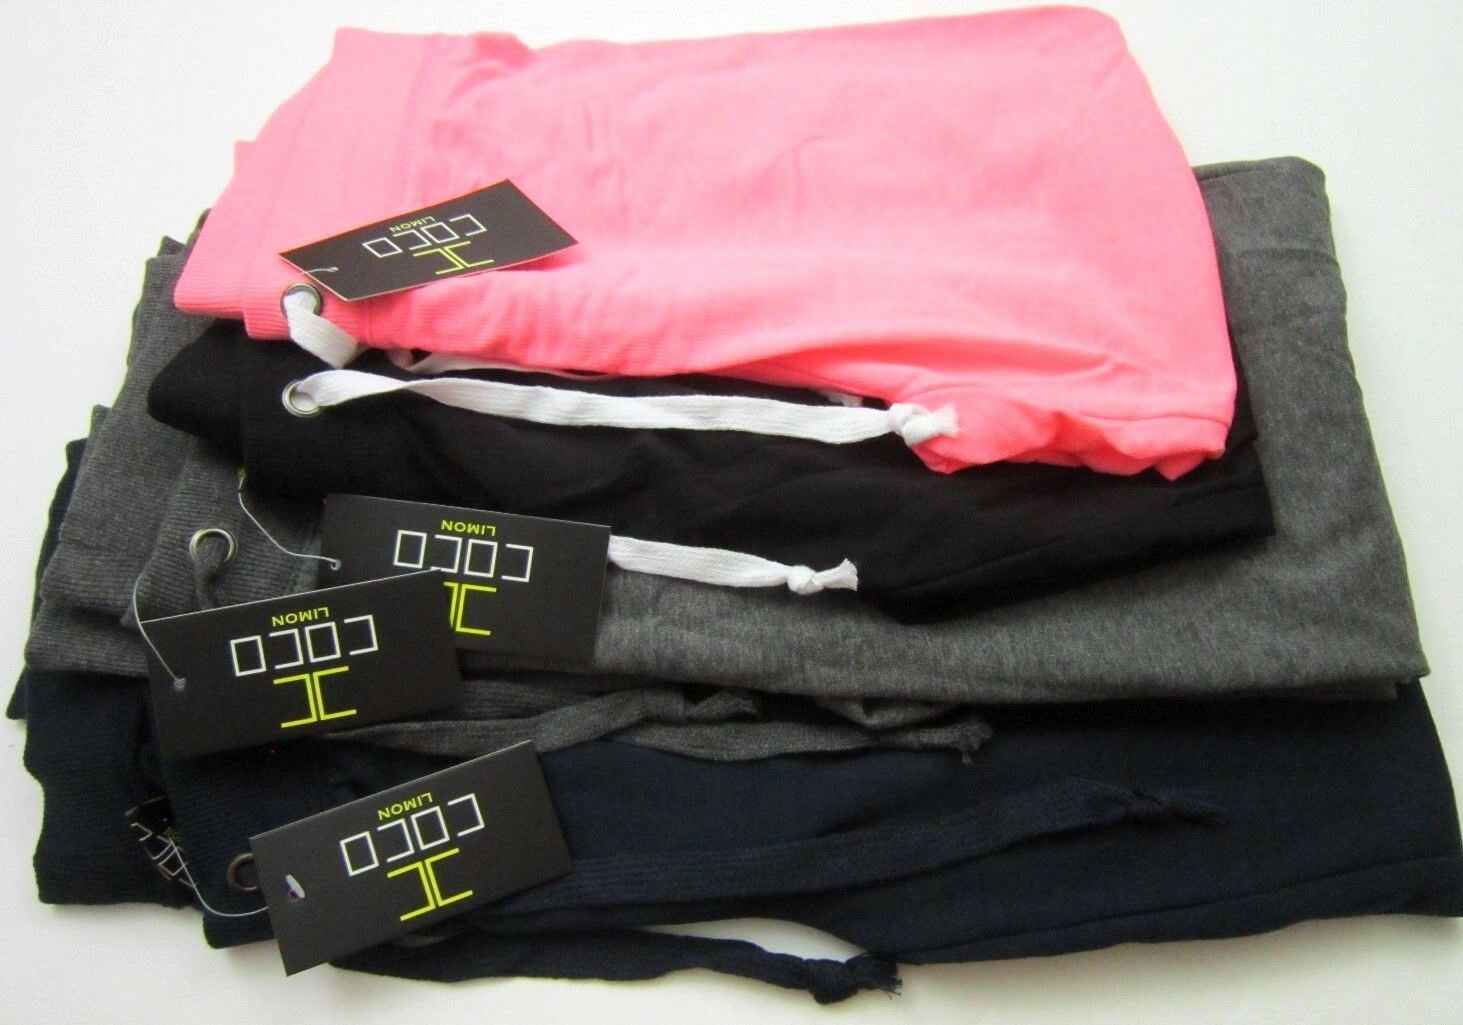 New Coco Limon women's 2 capris & 2 long joggers 4 pk multi color pants size lrg